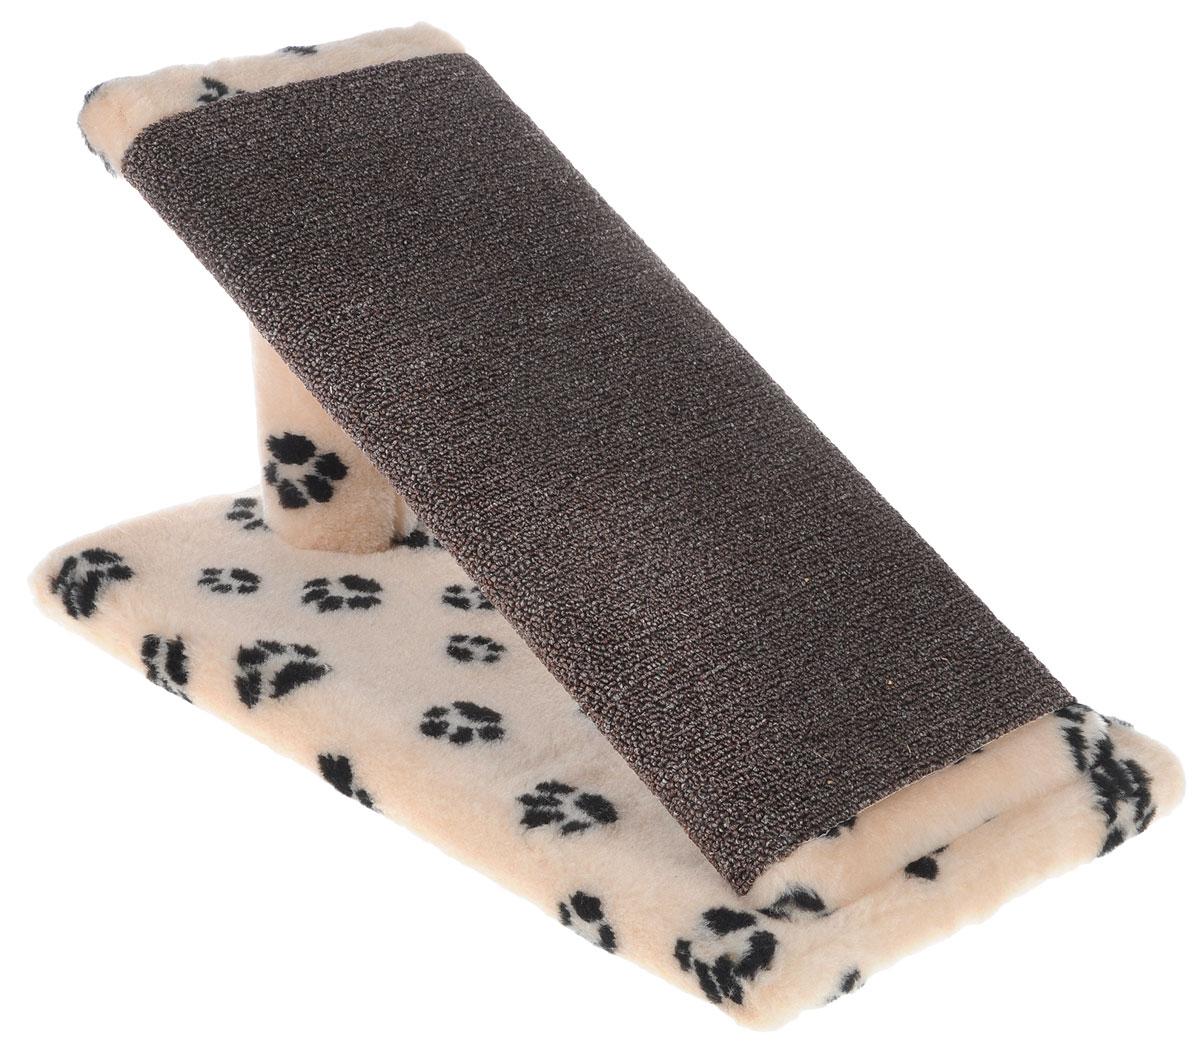 Когтеточка для котят Меридиан Горка, цвет: бежевый, черный, 45 х 25 х 25 смК103К Ла_бежевый, чёрные лапкиКогтеточка Меридиан Горка предназначена для стачивания когтей вашего котенка и предотвращения их врастания. Она выполнена из дерева и обтянута искусственным мехом. Точатся когти о накладку из джута. Когтеточка позволяет сохранить неповрежденными мебель и другие предметы интерьера.